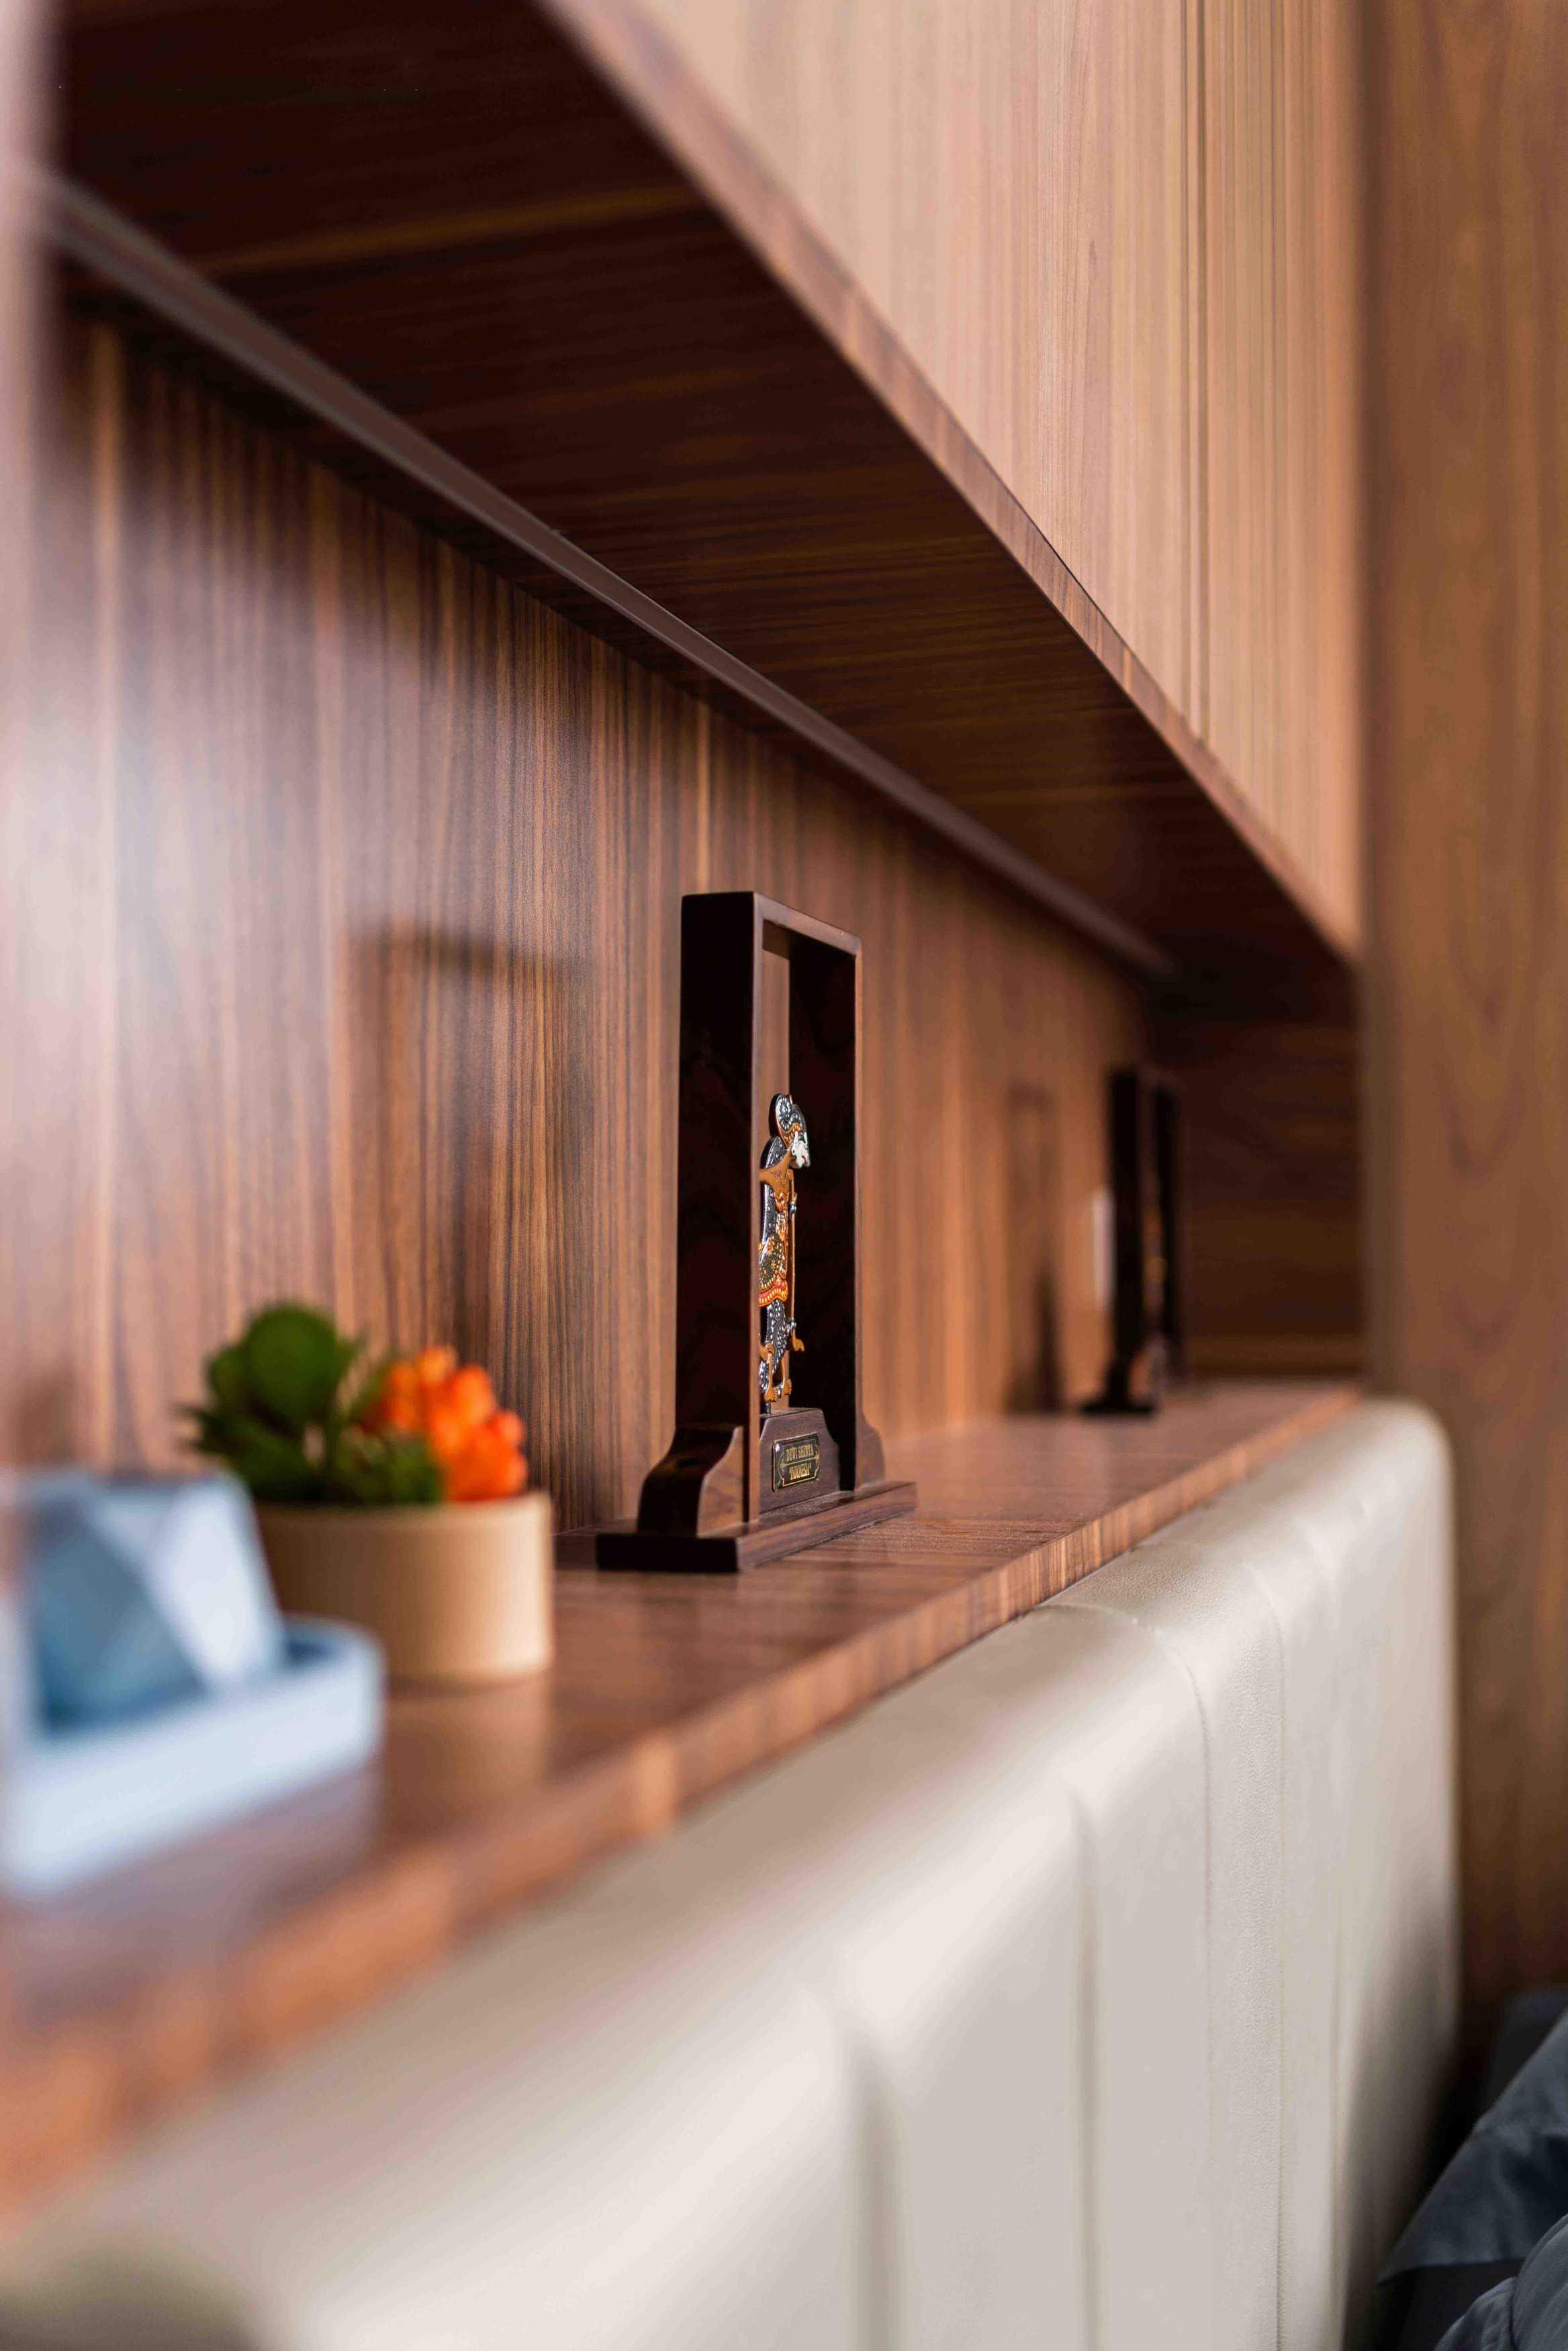 Furniterus Interior Set -  Modern Minimalis -  Tangerang Tangerang, Kota Tangerang, Banten, Indonesia Tangerang, Kota Tangerang, Banten, Indonesia Furniterus-Interior-Set-Modern-Minimalis-Tangerang   134997